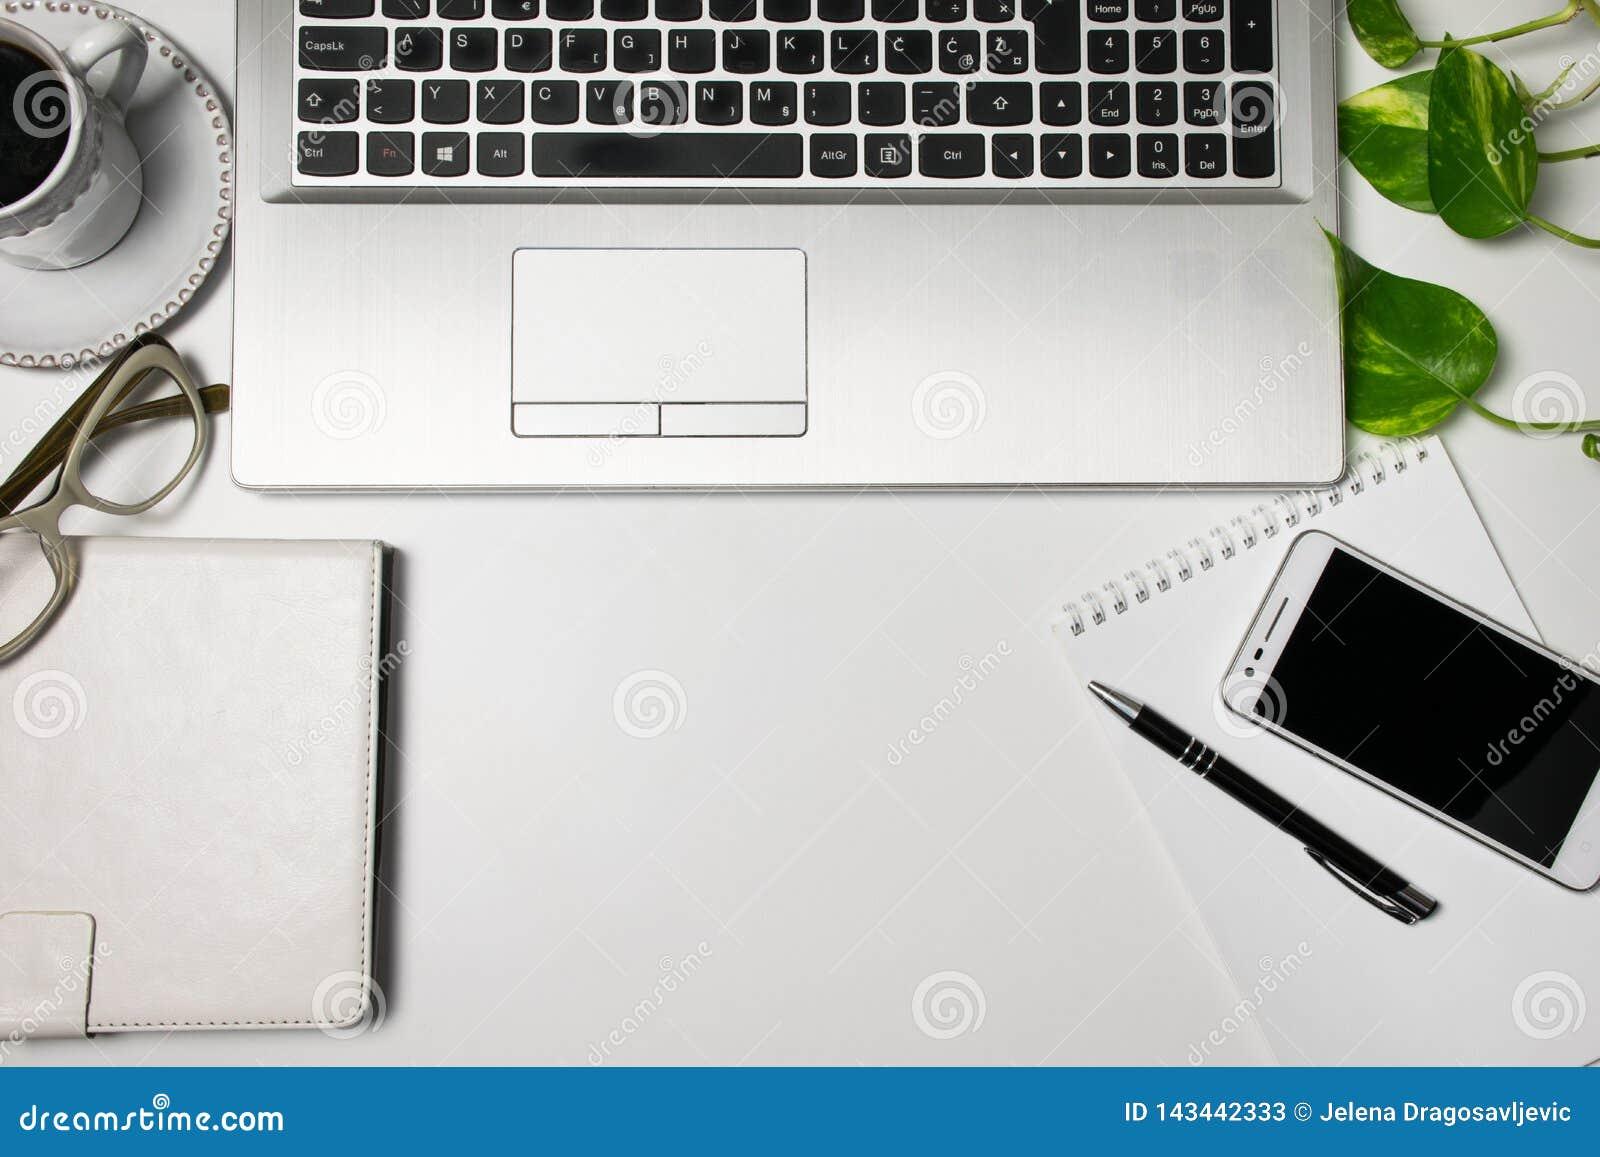 办公桌台式视图和供应,膝上型计算机,杯子无奶咖啡,玻璃,植物,在白色背景的手机